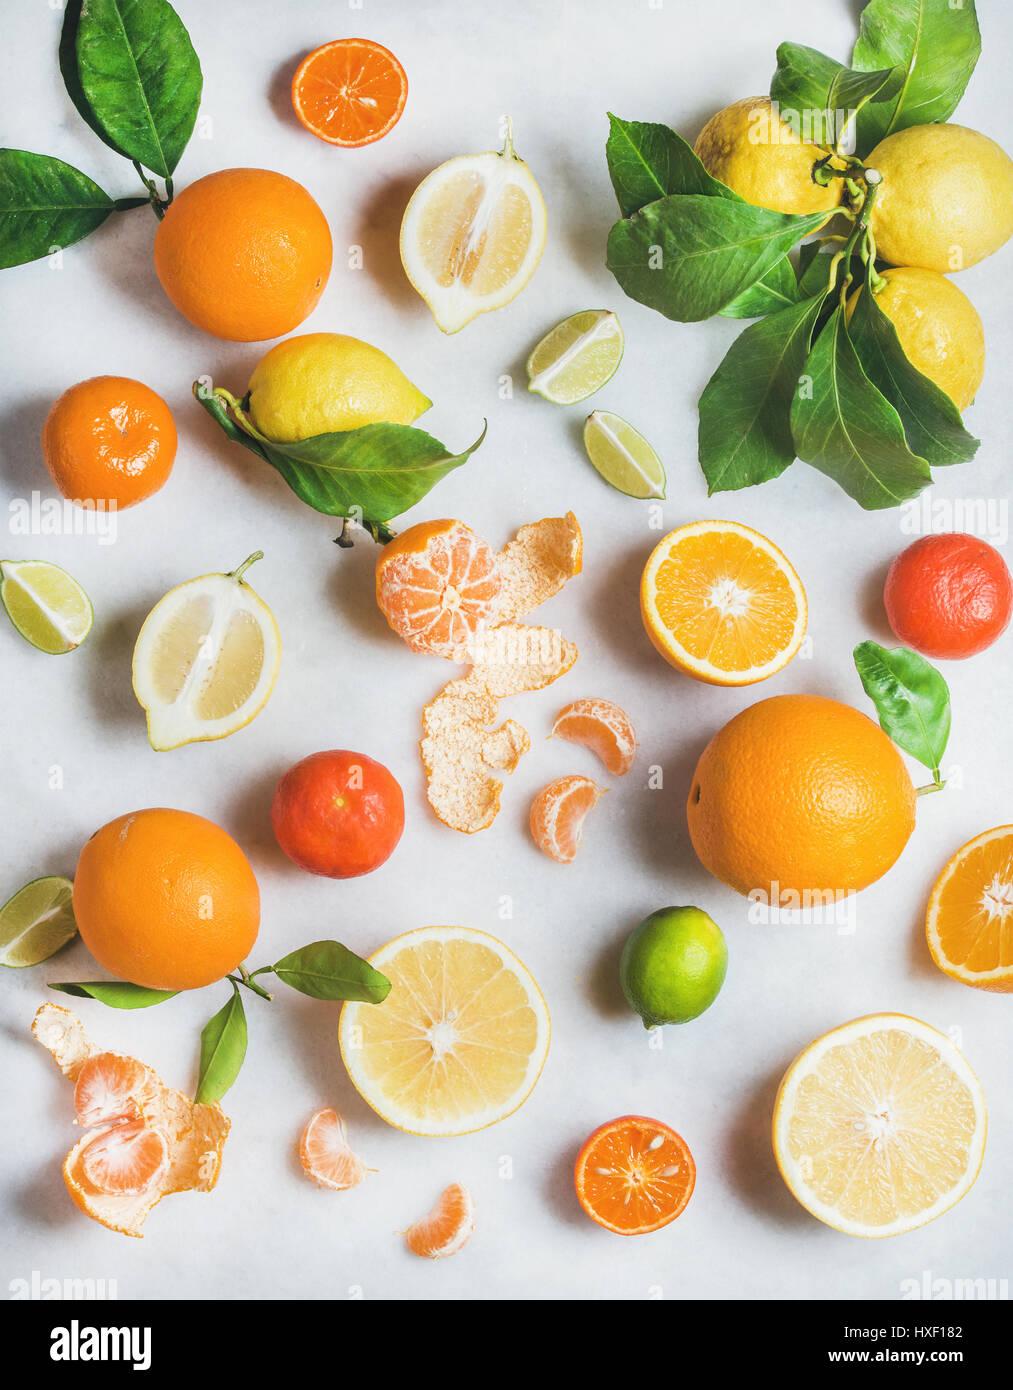 Variété d'agrumes frais pour faire des smoothie Photo Stock